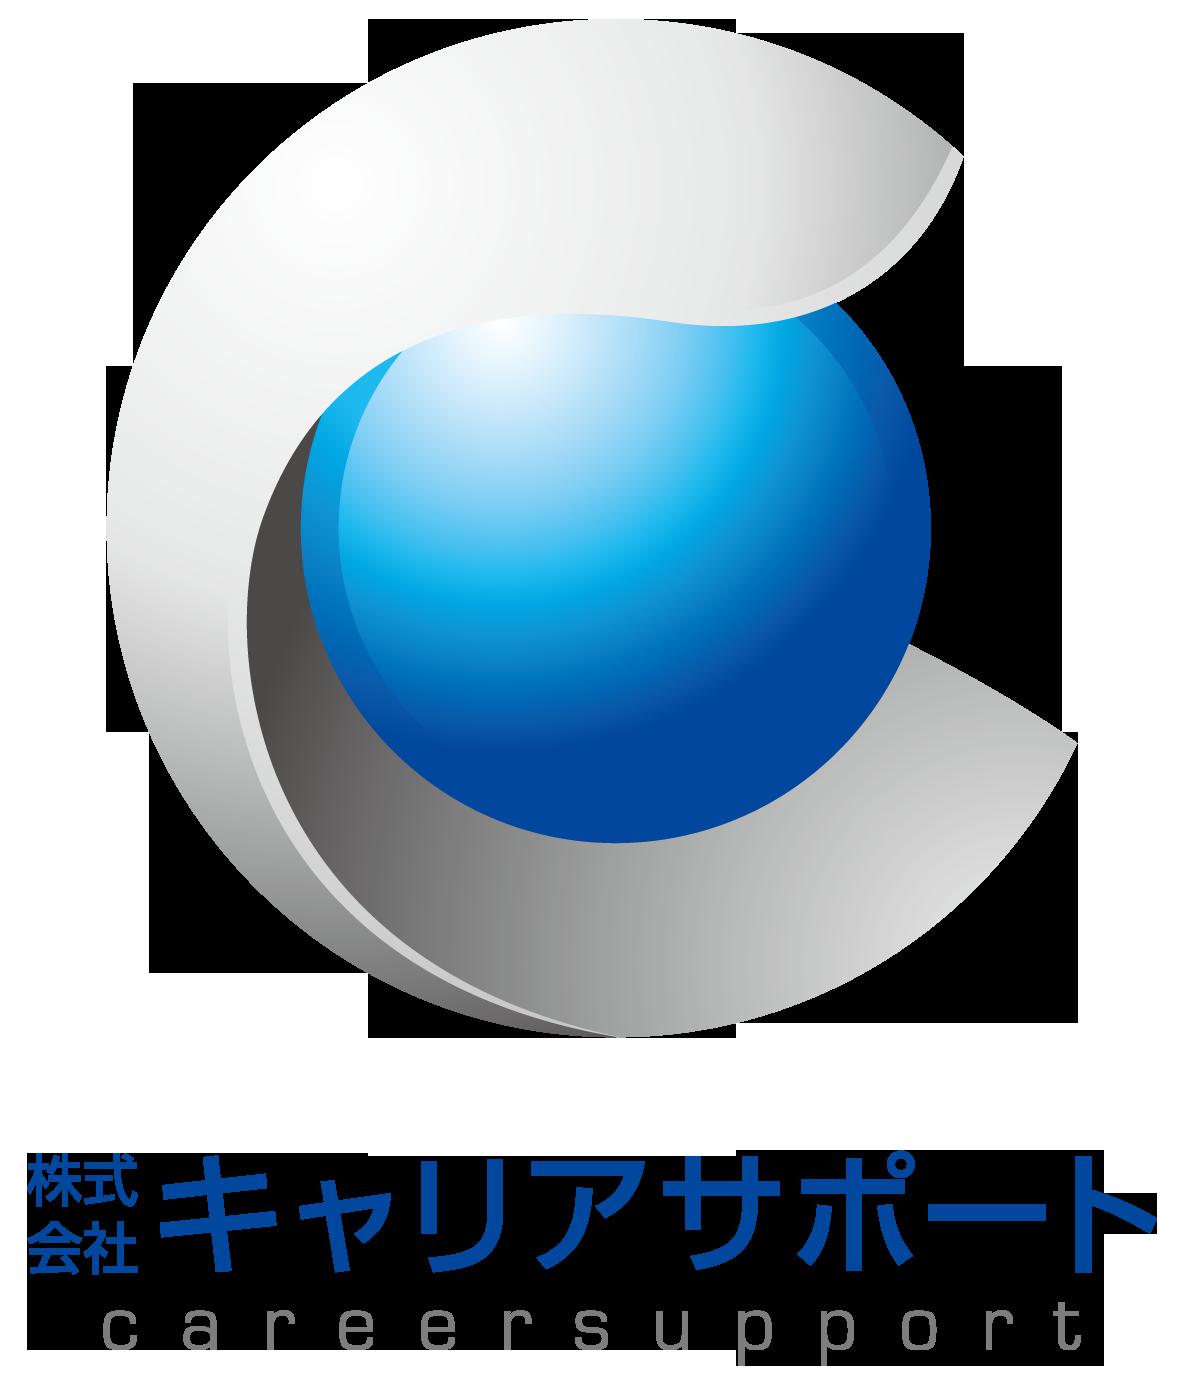 ソフトウェア・プログラム開発と近未来と青のロゴ